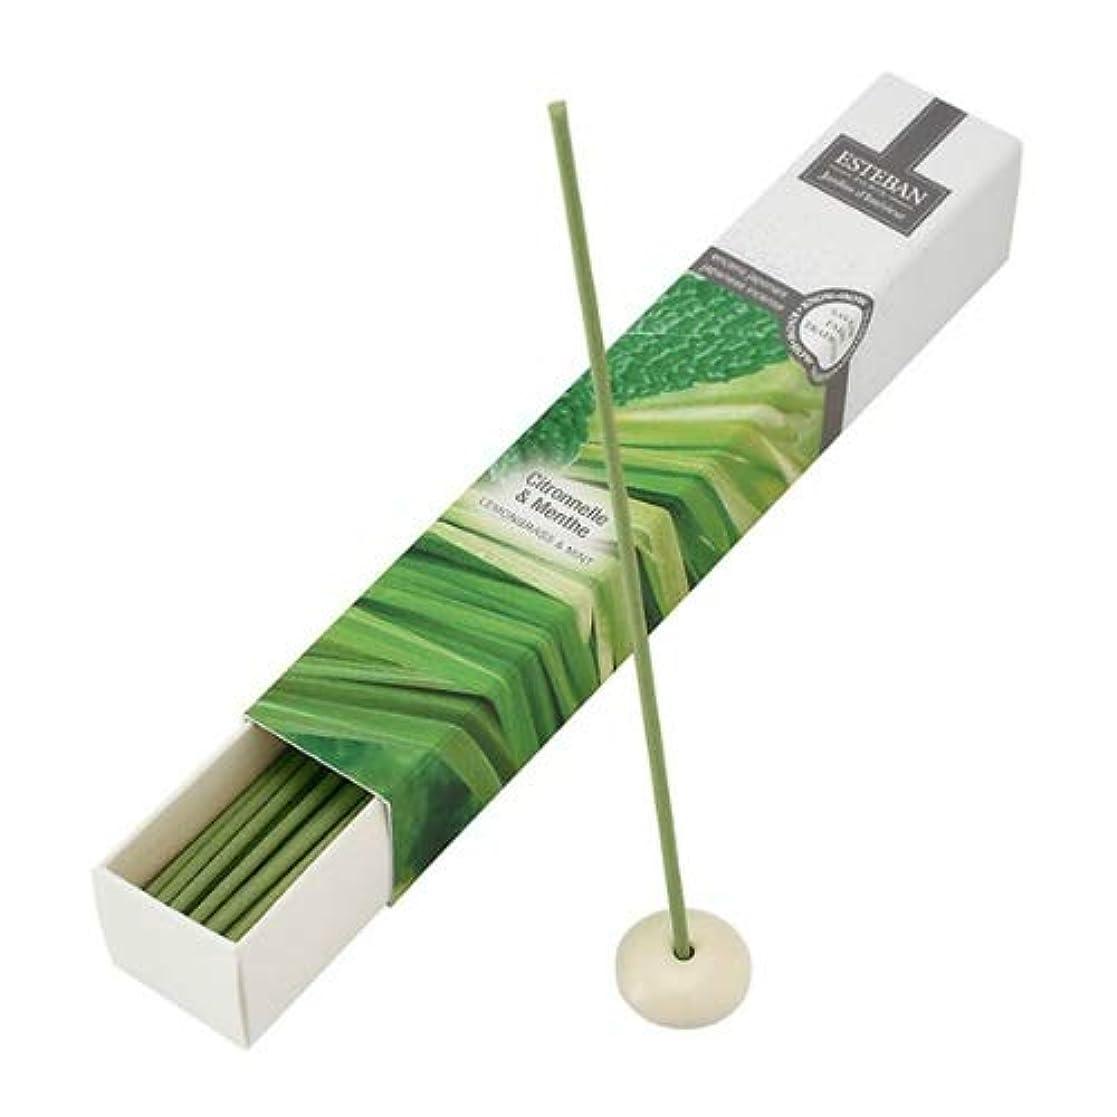 平日誓いエレクトロニックESTEBAN Jardins d'Interieur(インテリアガーデン) LEMONGRASS&MINT(レモングラス&ミント) スティック40本(お香)